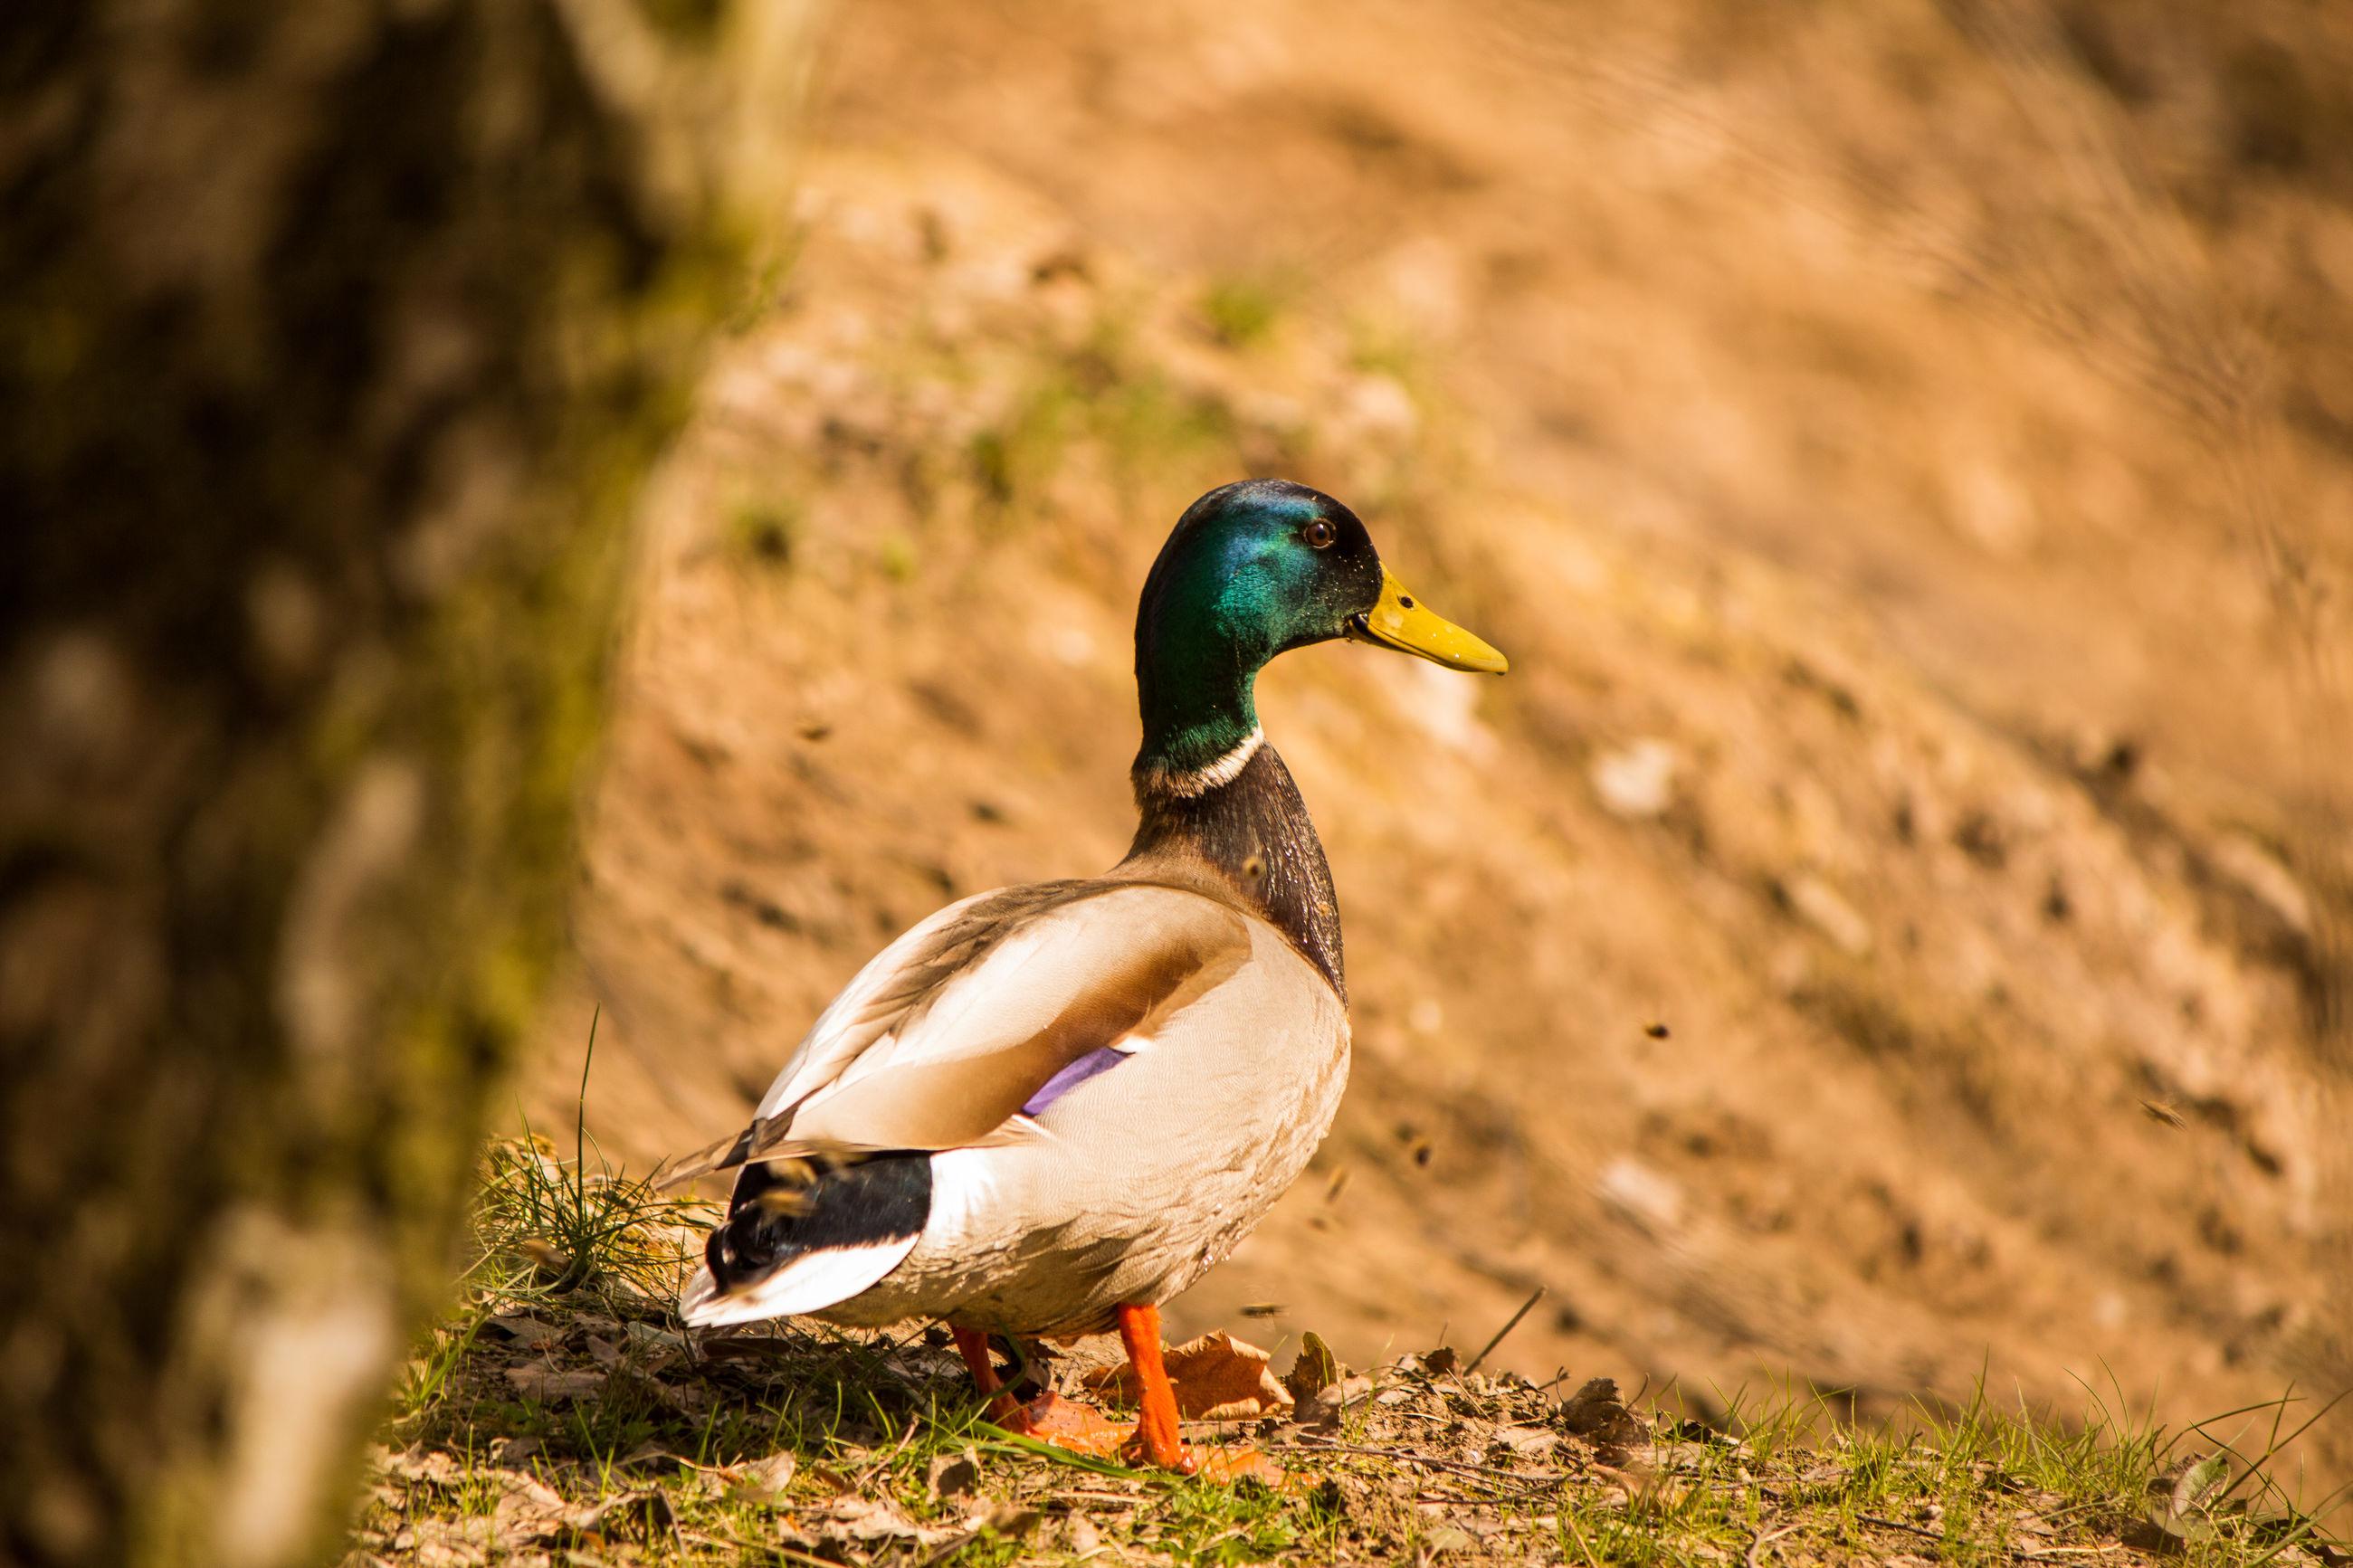 CLOSE-UP VIEW OF BIRD